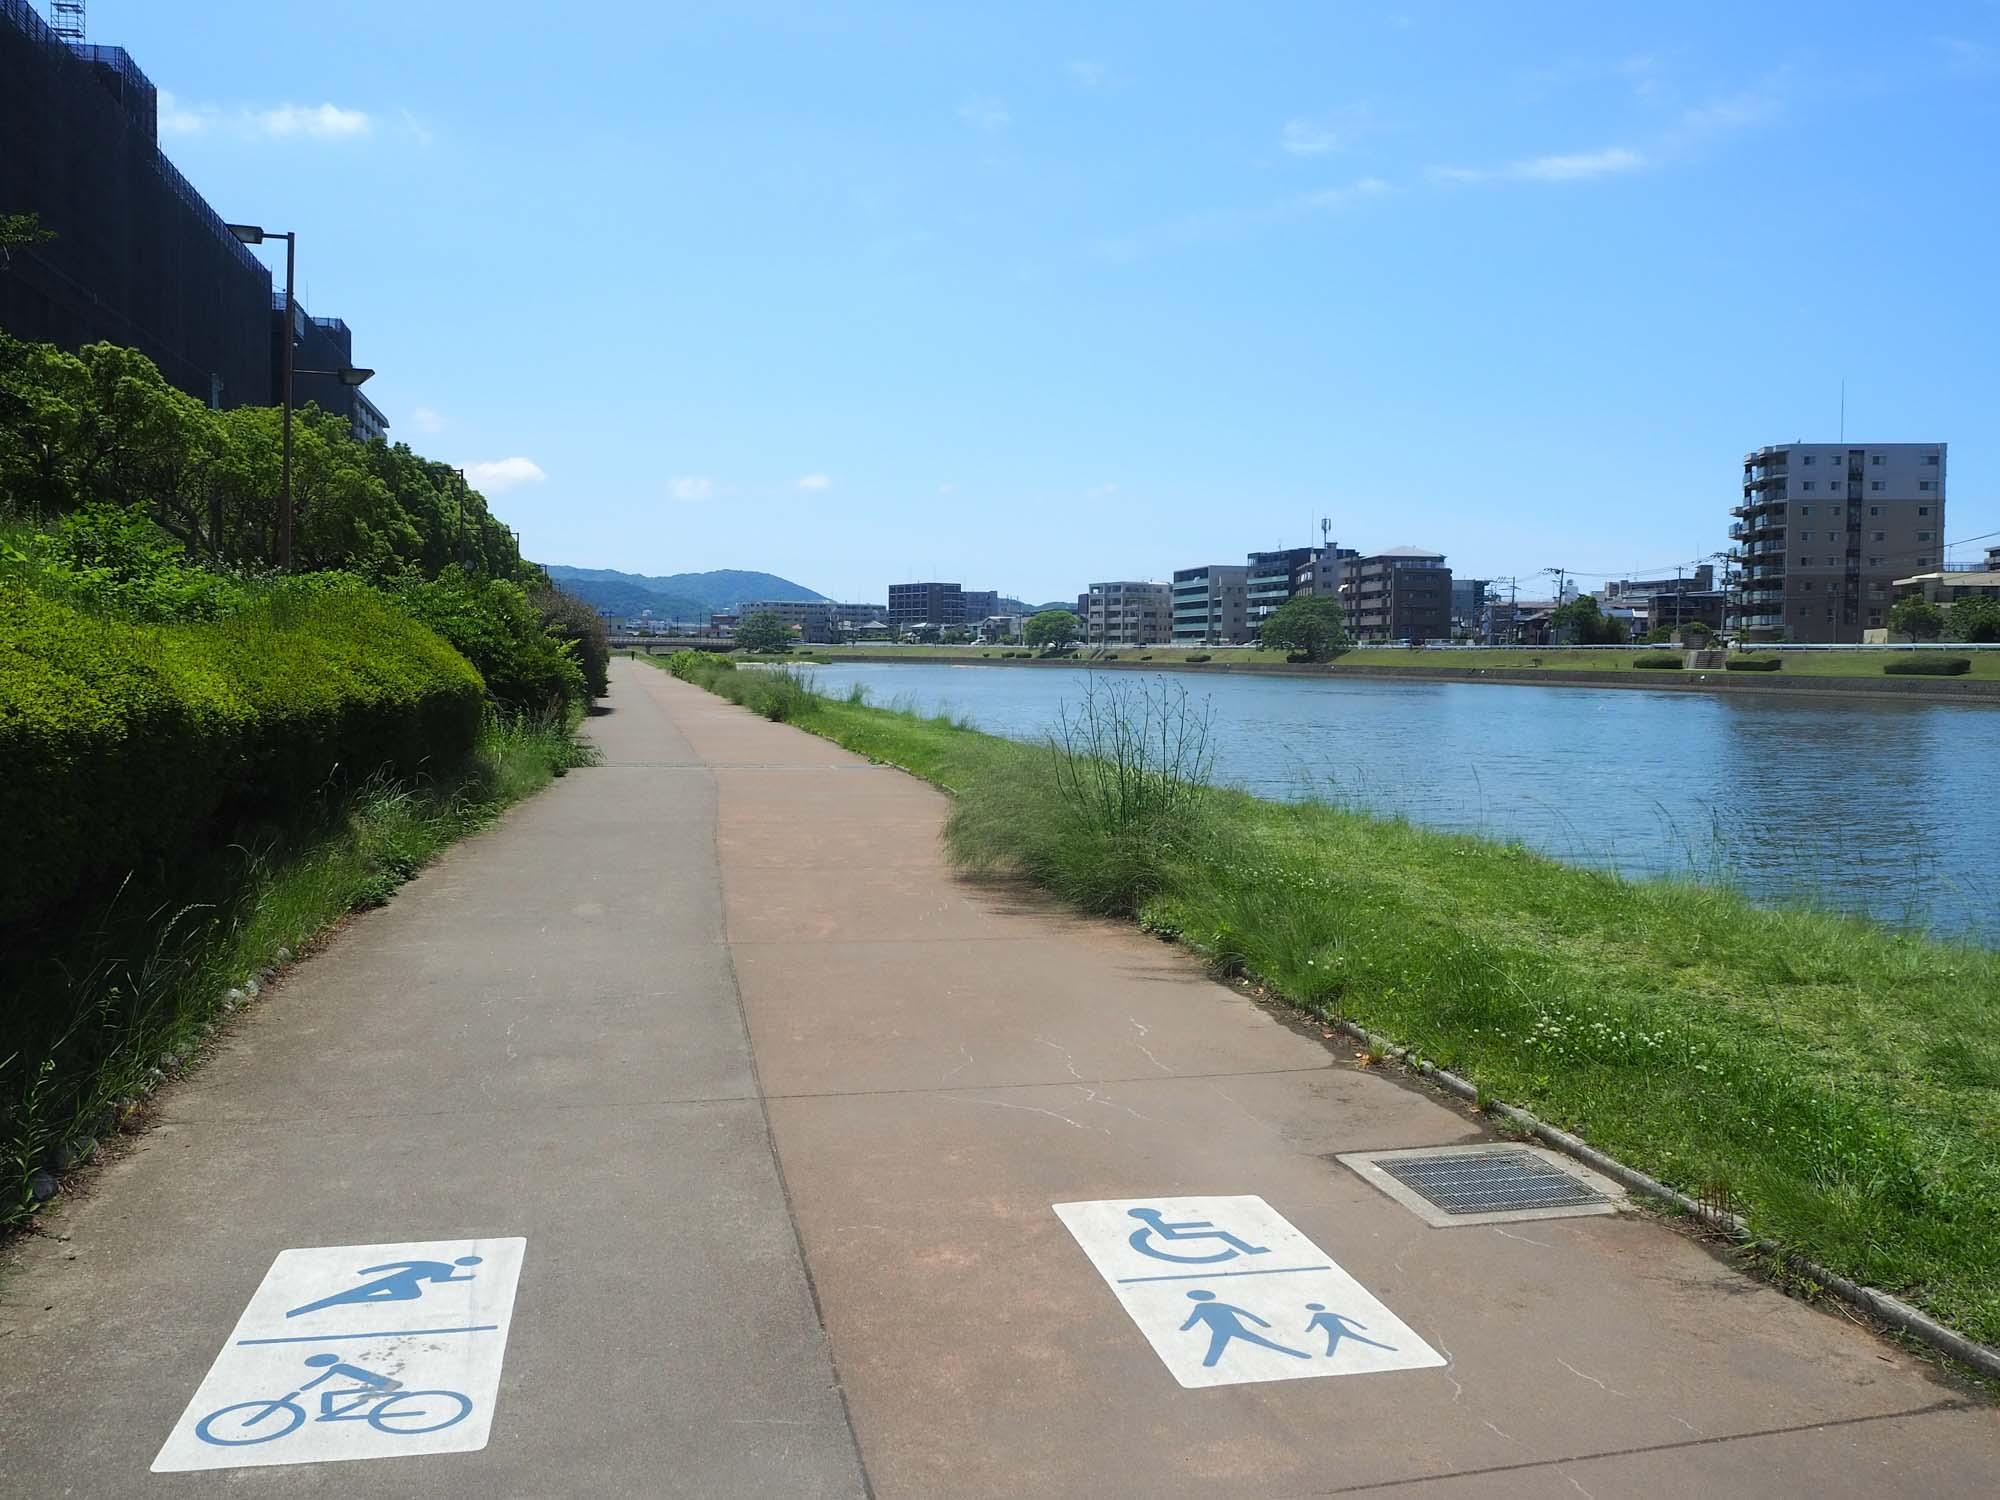 山側へ向かうサイクリングロード。お散歩コースとラン・バイクコースに分かれています。